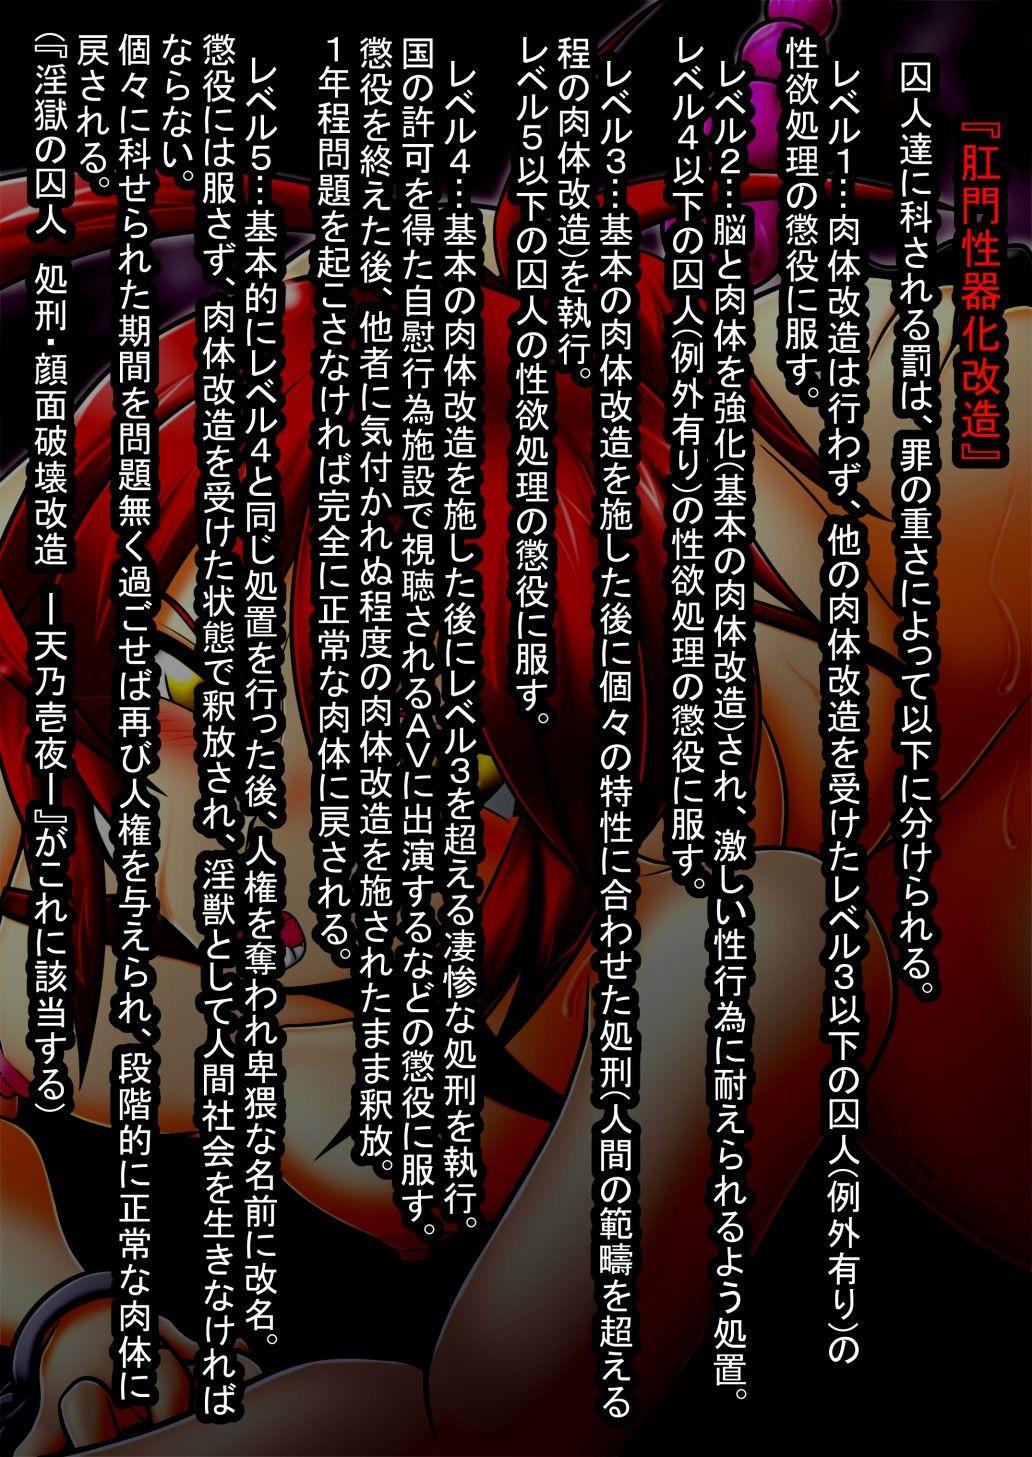 淫獄の囚人 処刑・スライム肛門出産改造 -名雲燐華-